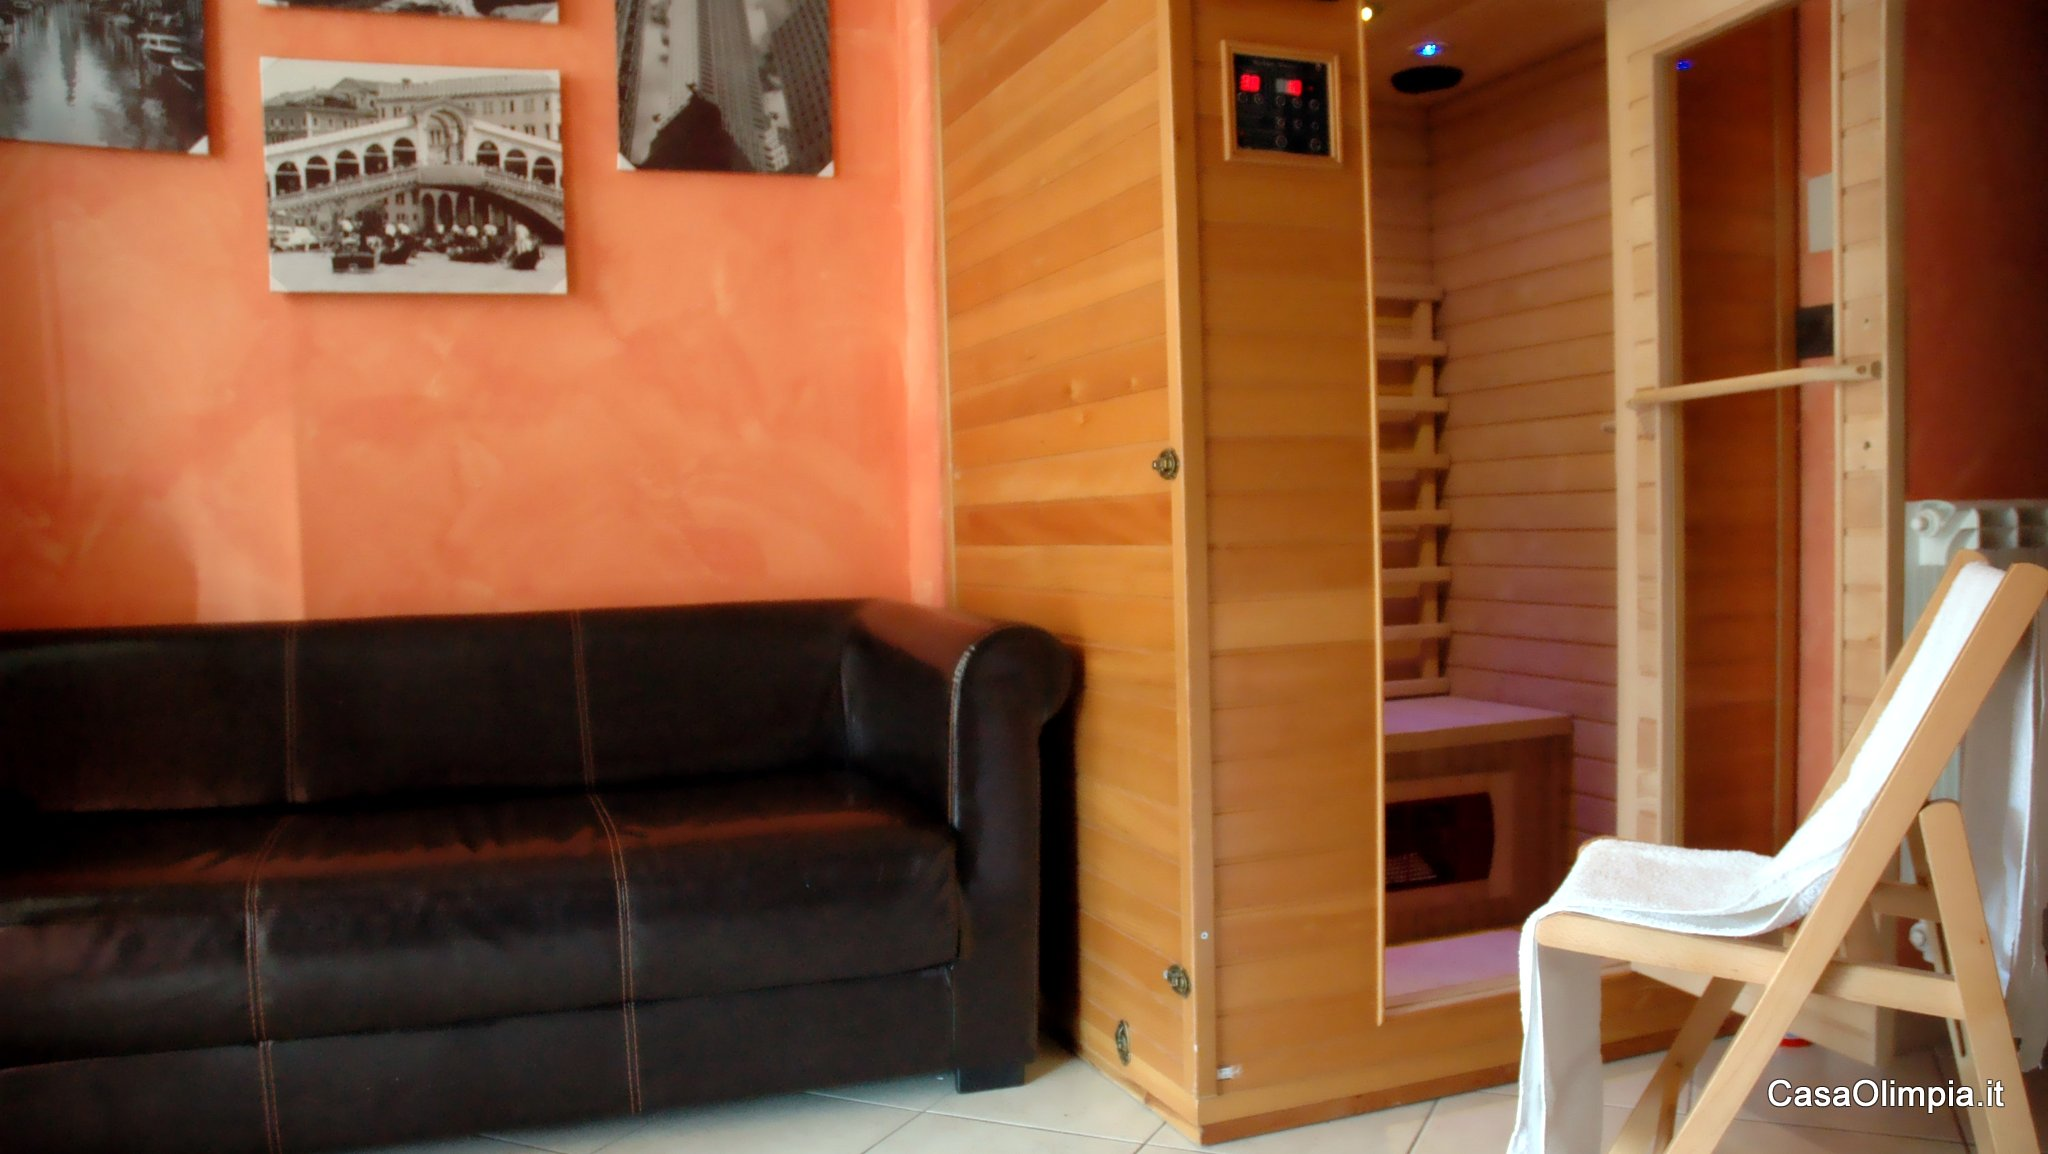 Sauna infrarossi come funziona relax benefici benessere e - Costo sauna per casa ...